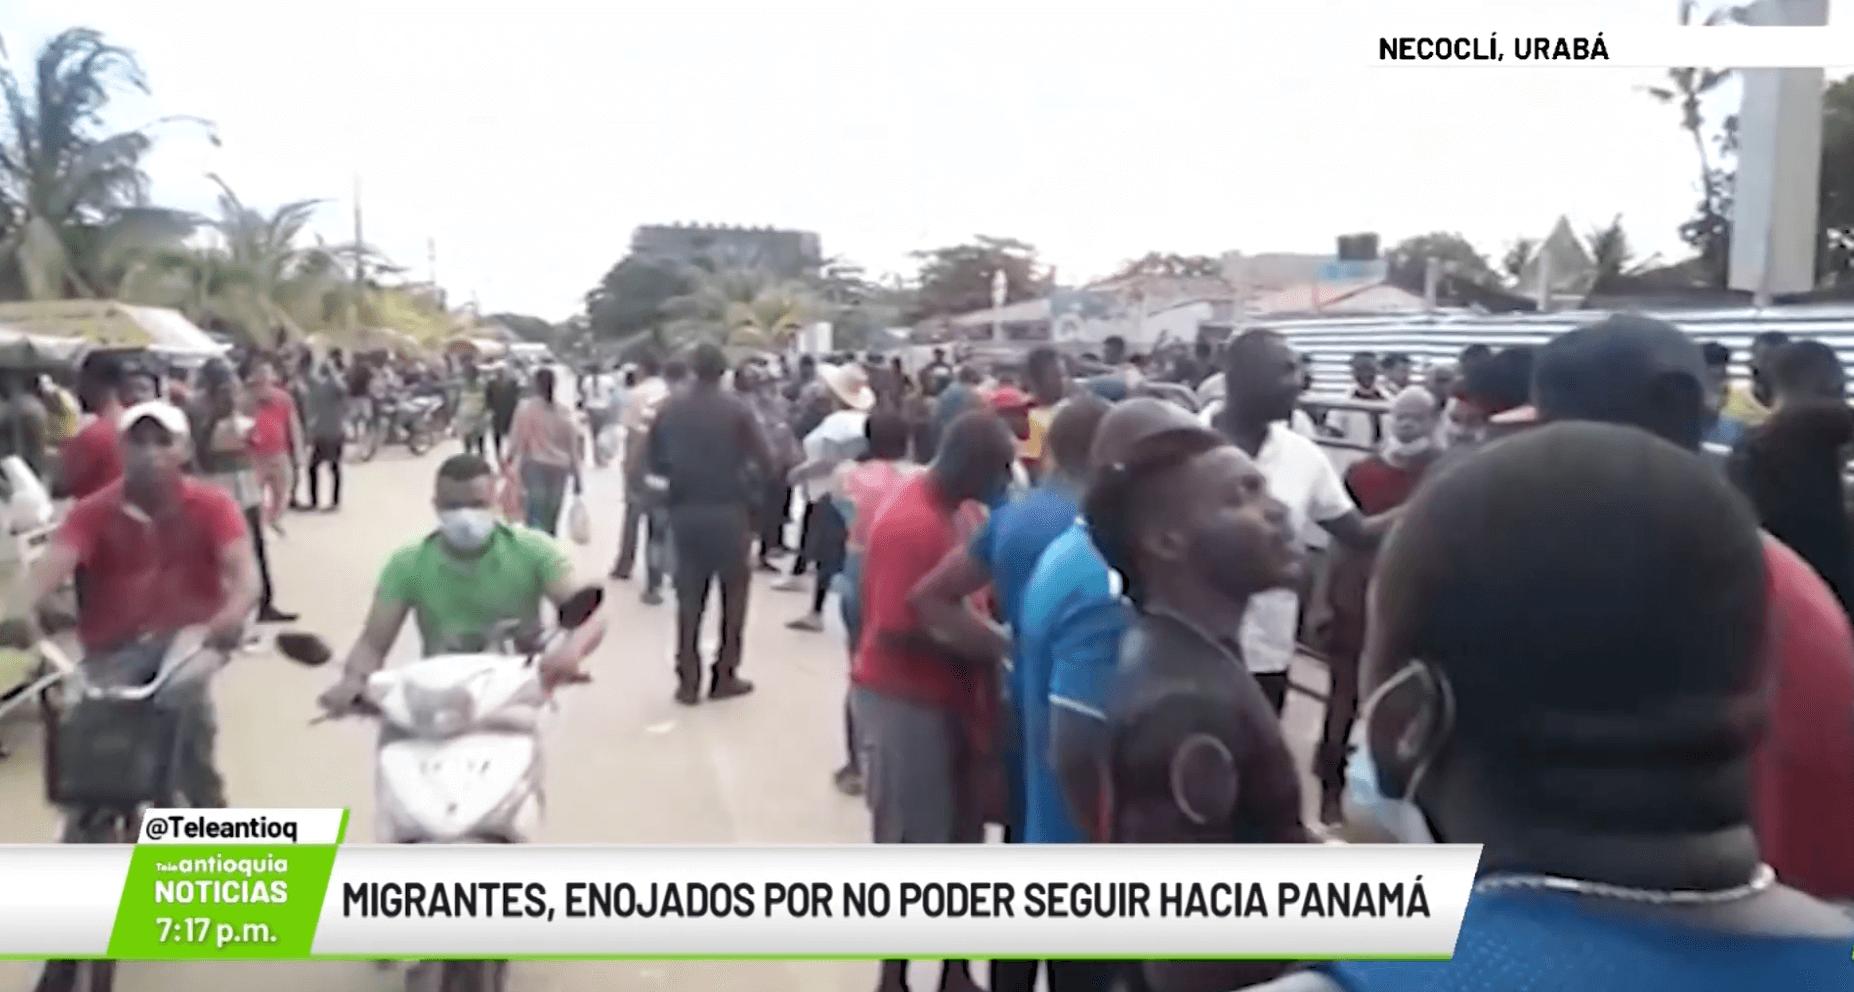 Migrantes enojados por no poder seguir hacia Panamá